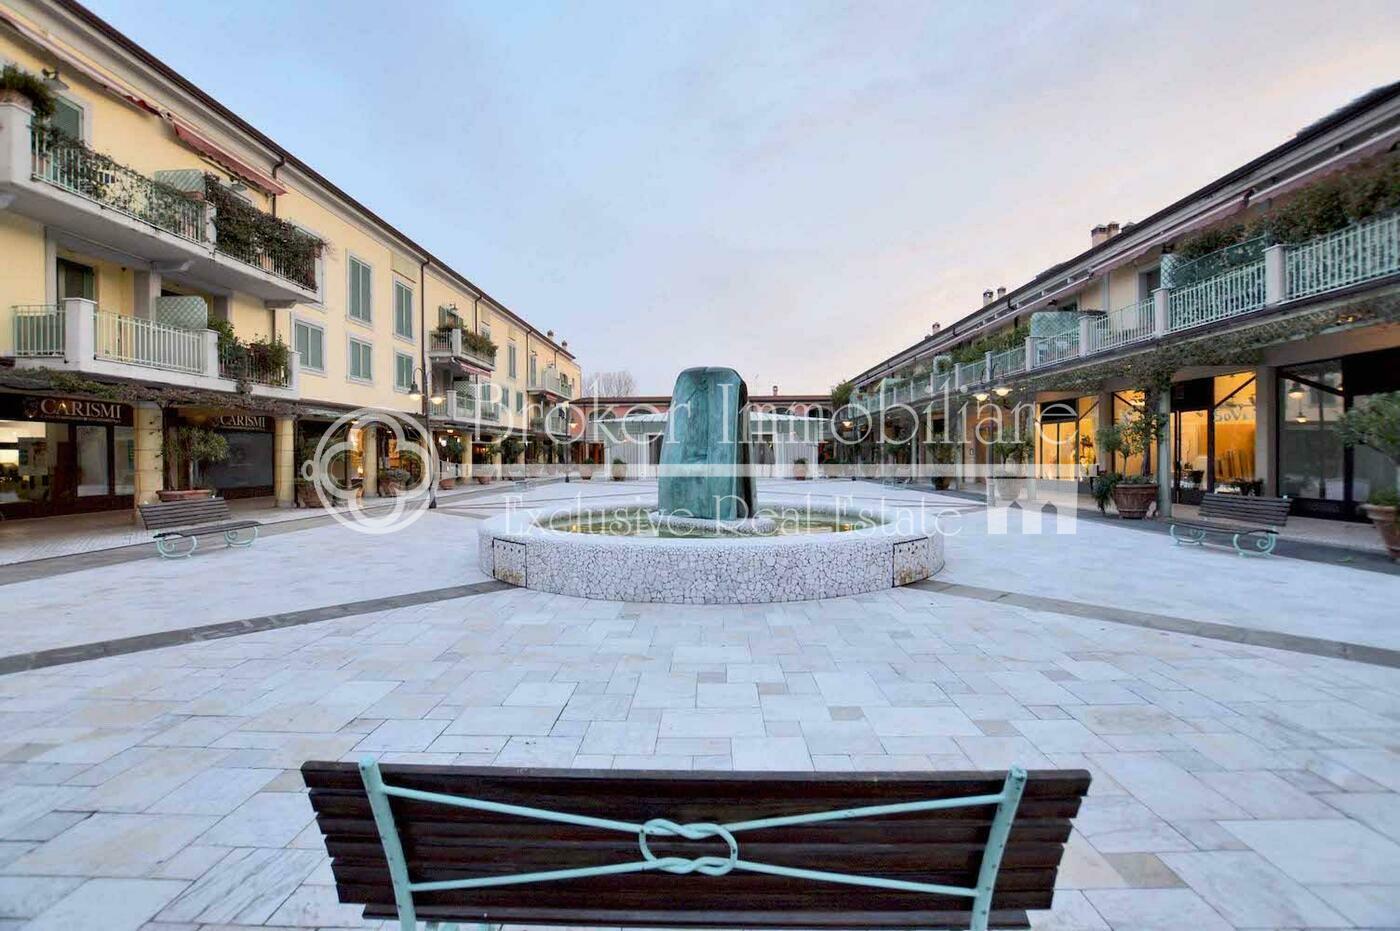 Appartamento in vendita a Pietrasanta con posto auto a 100 metri dal centro storico